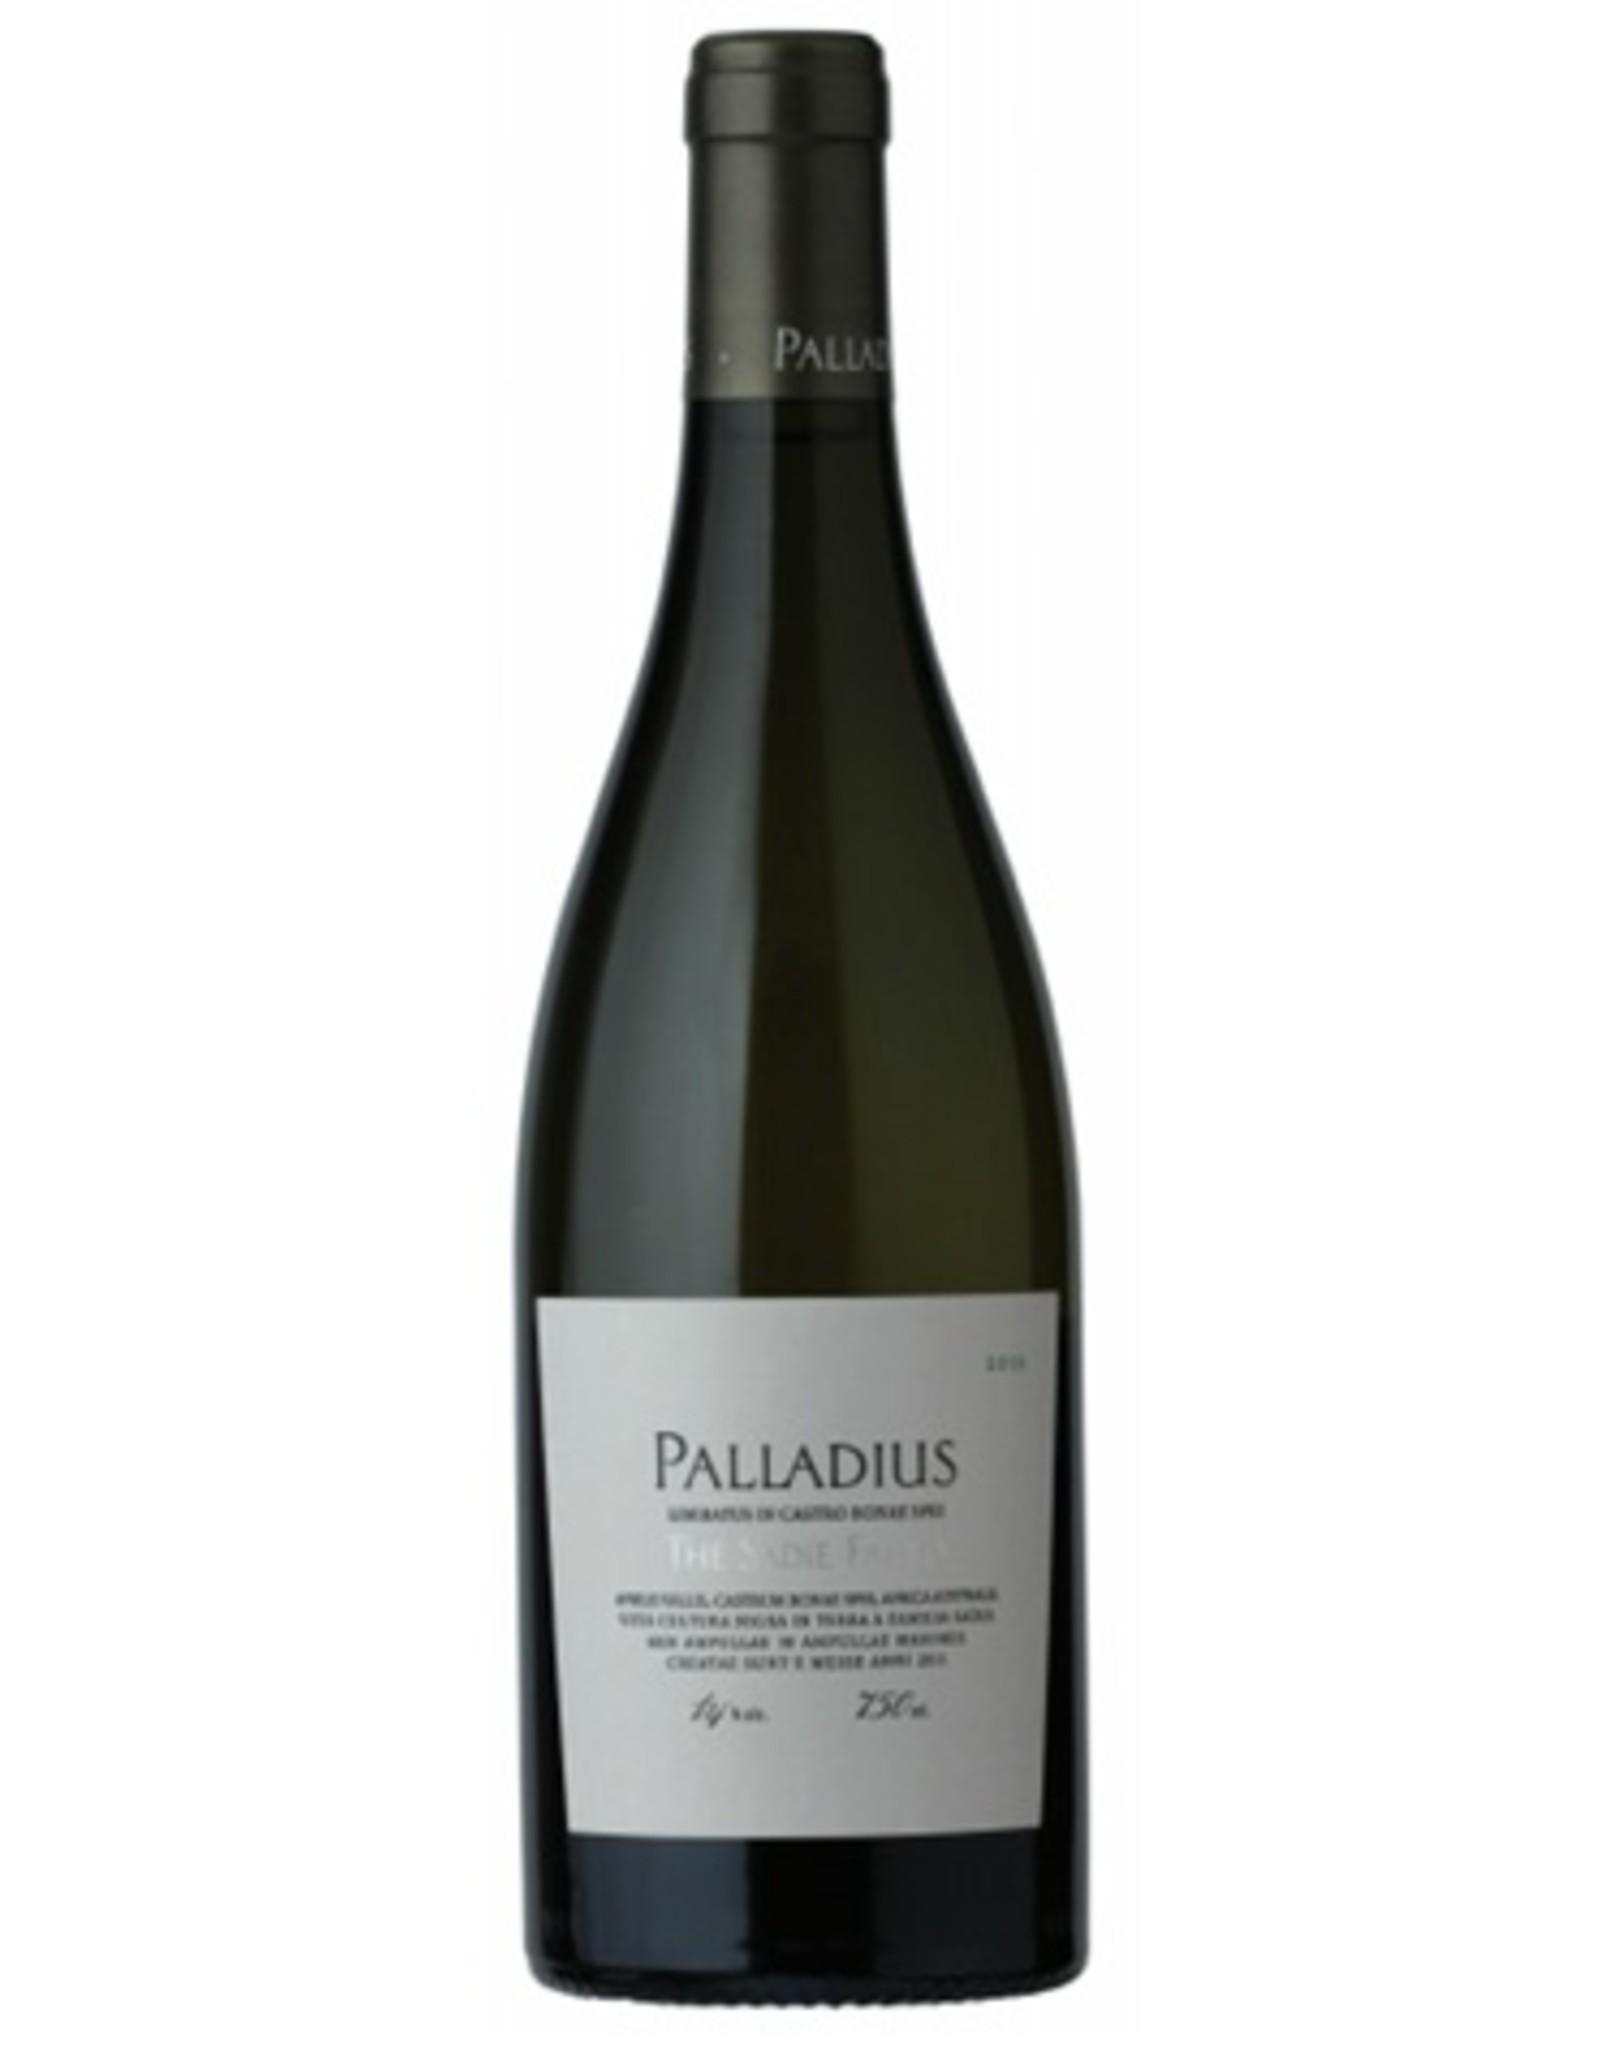 White Wine 2011, Sadie Family Palladius, White Blend, Malmesbury, Swartland, South Africa, 14% Alc, CT90, WS93